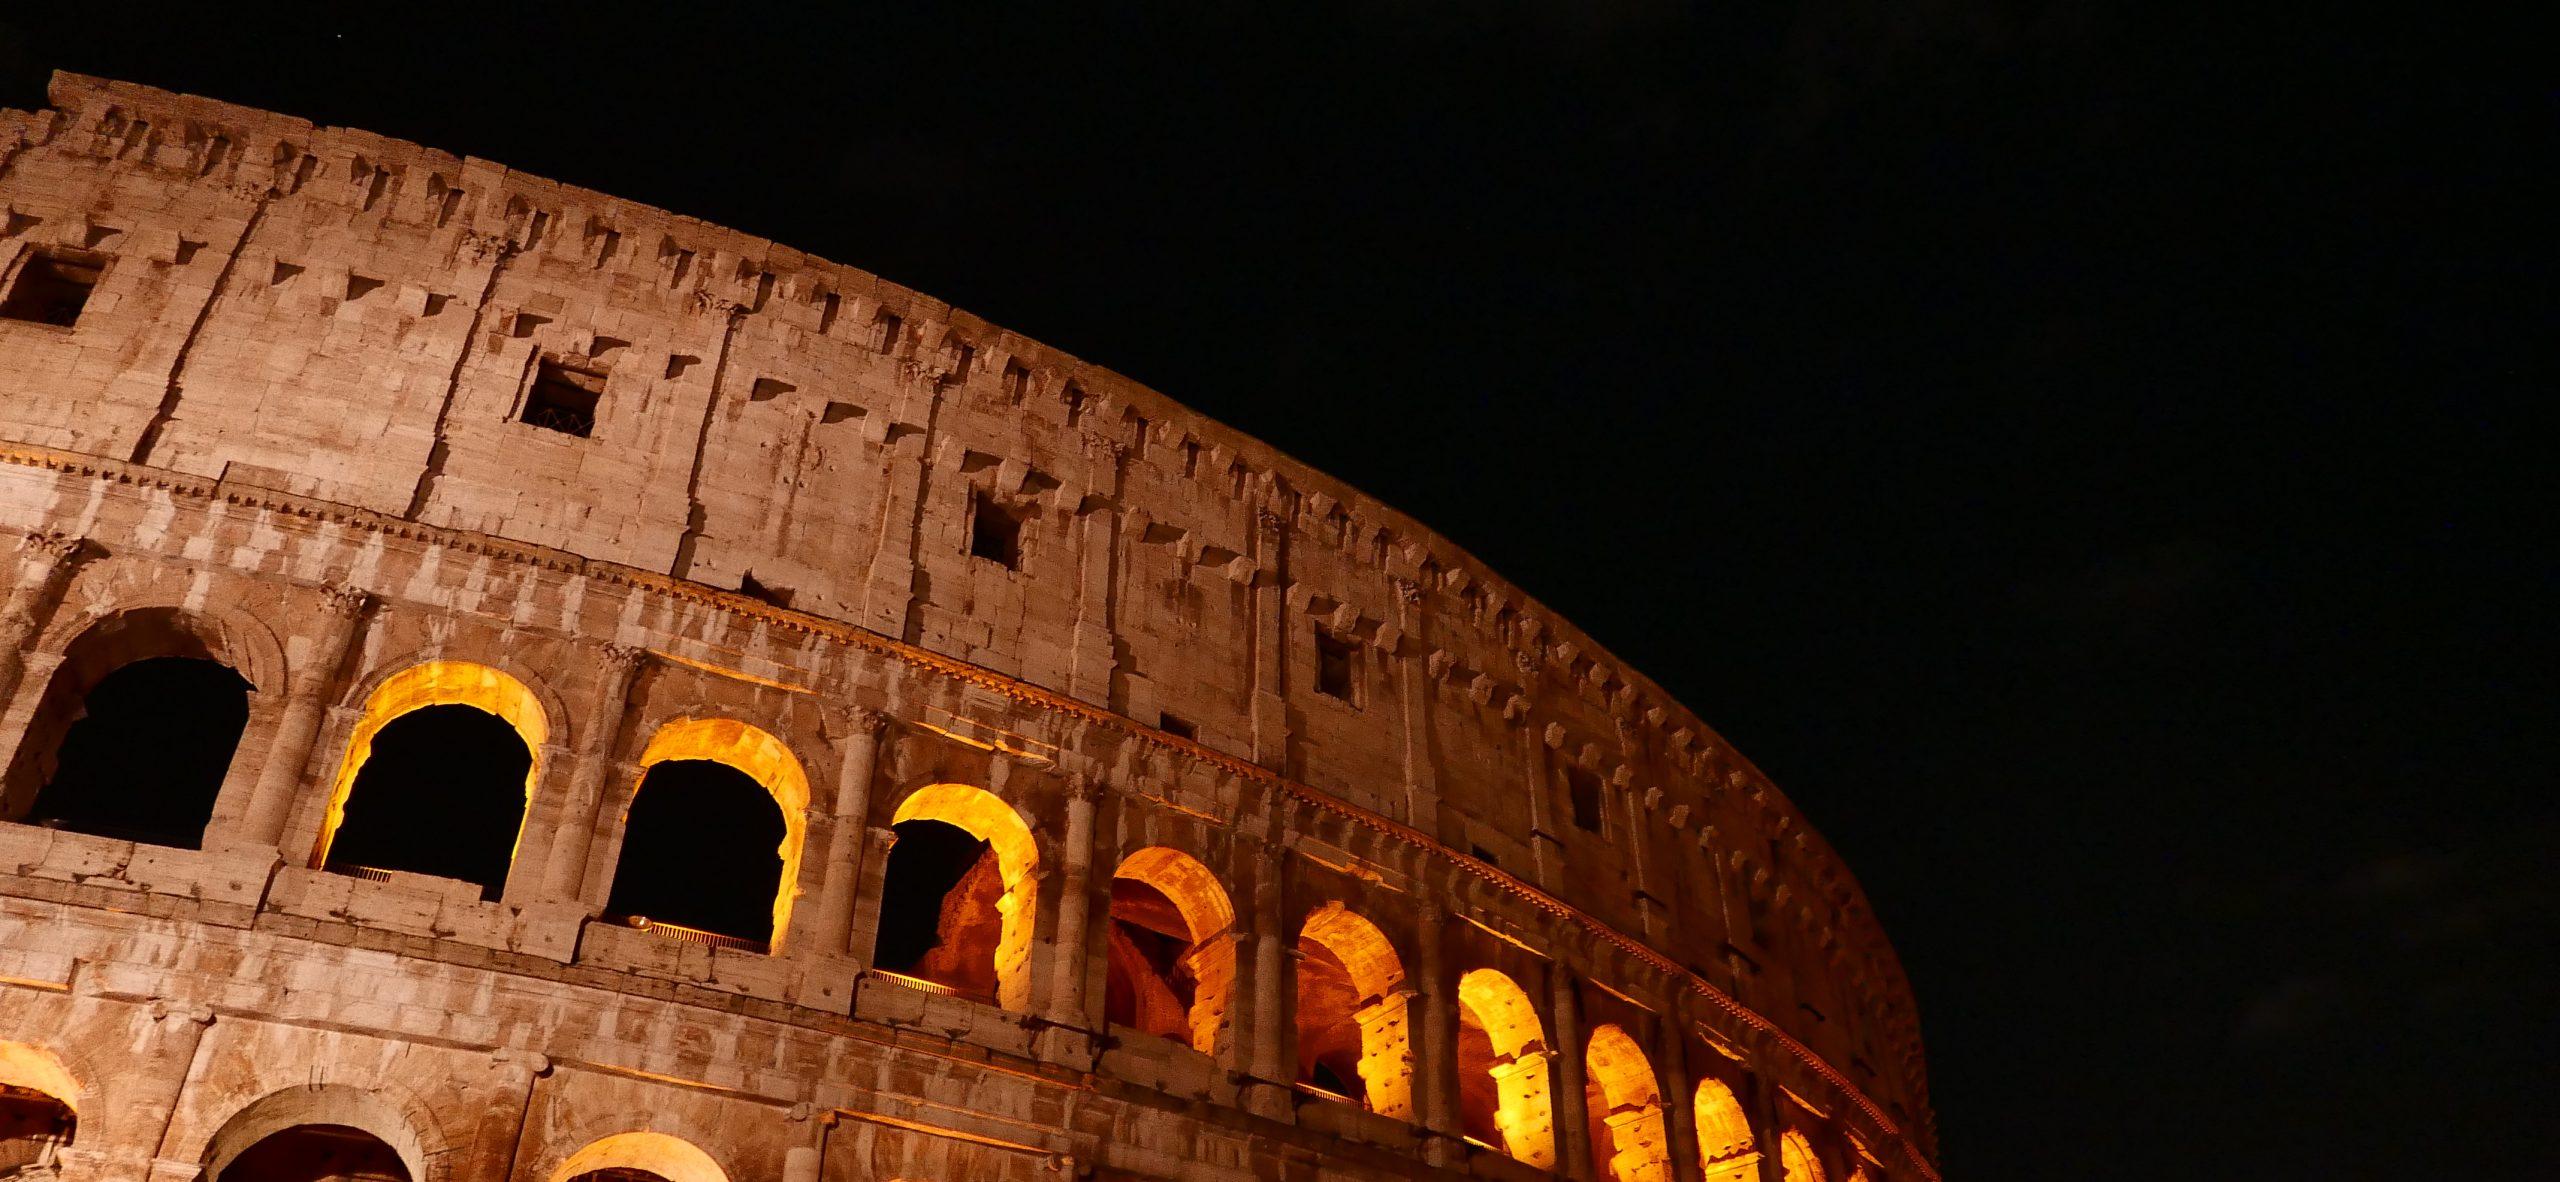 義大利自由行|三天太短羅馬&梵蒂岡行程規劃、景點地圖攻略